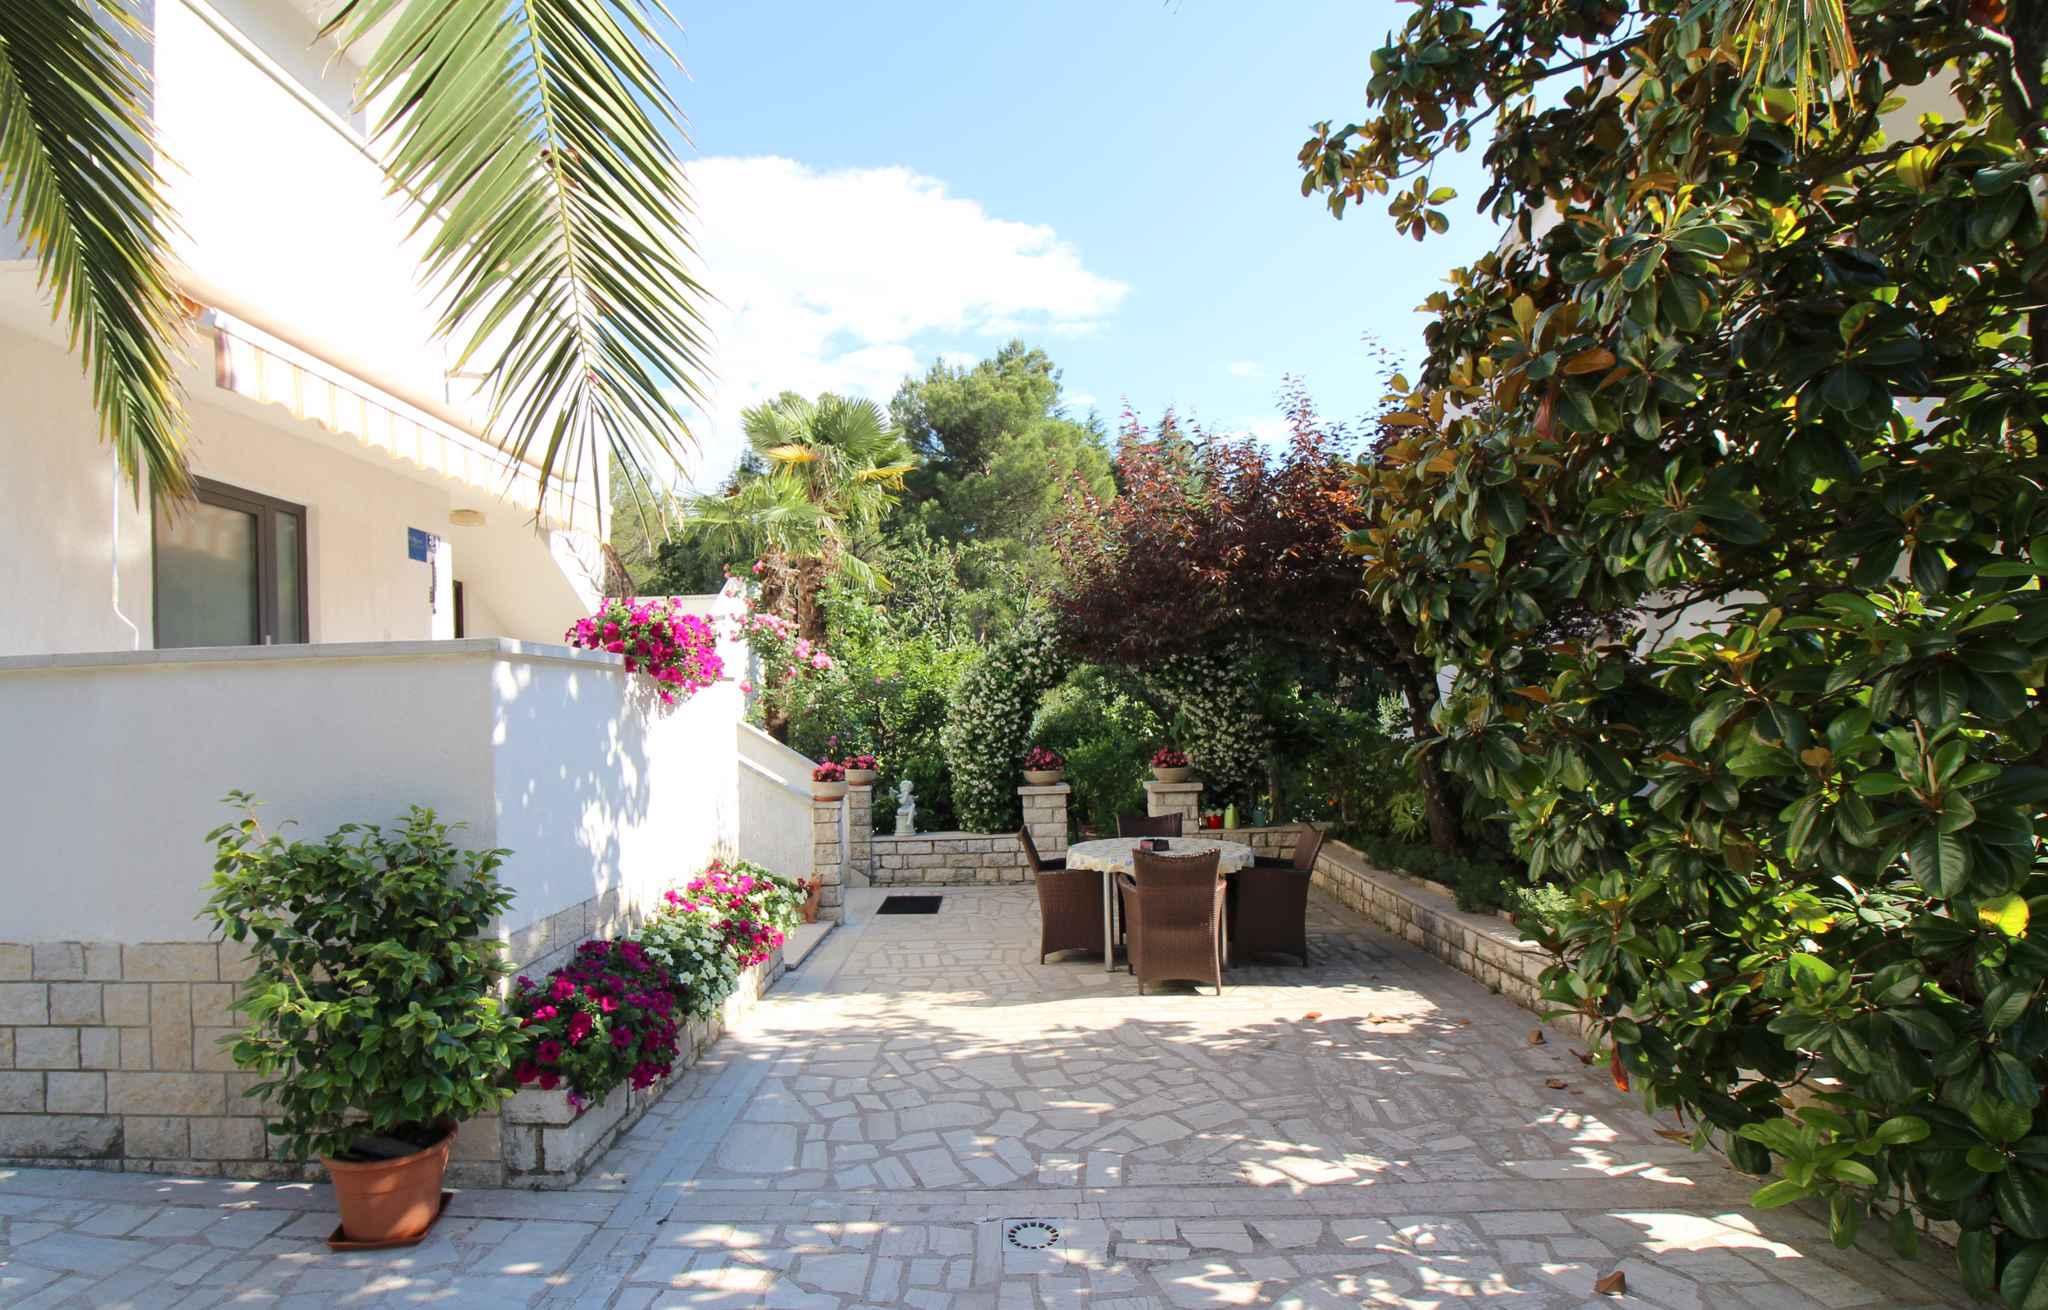 Ferienwohnung mit schönem Garten und Grill (280320), Porec, , Istrien, Kroatien, Bild 12